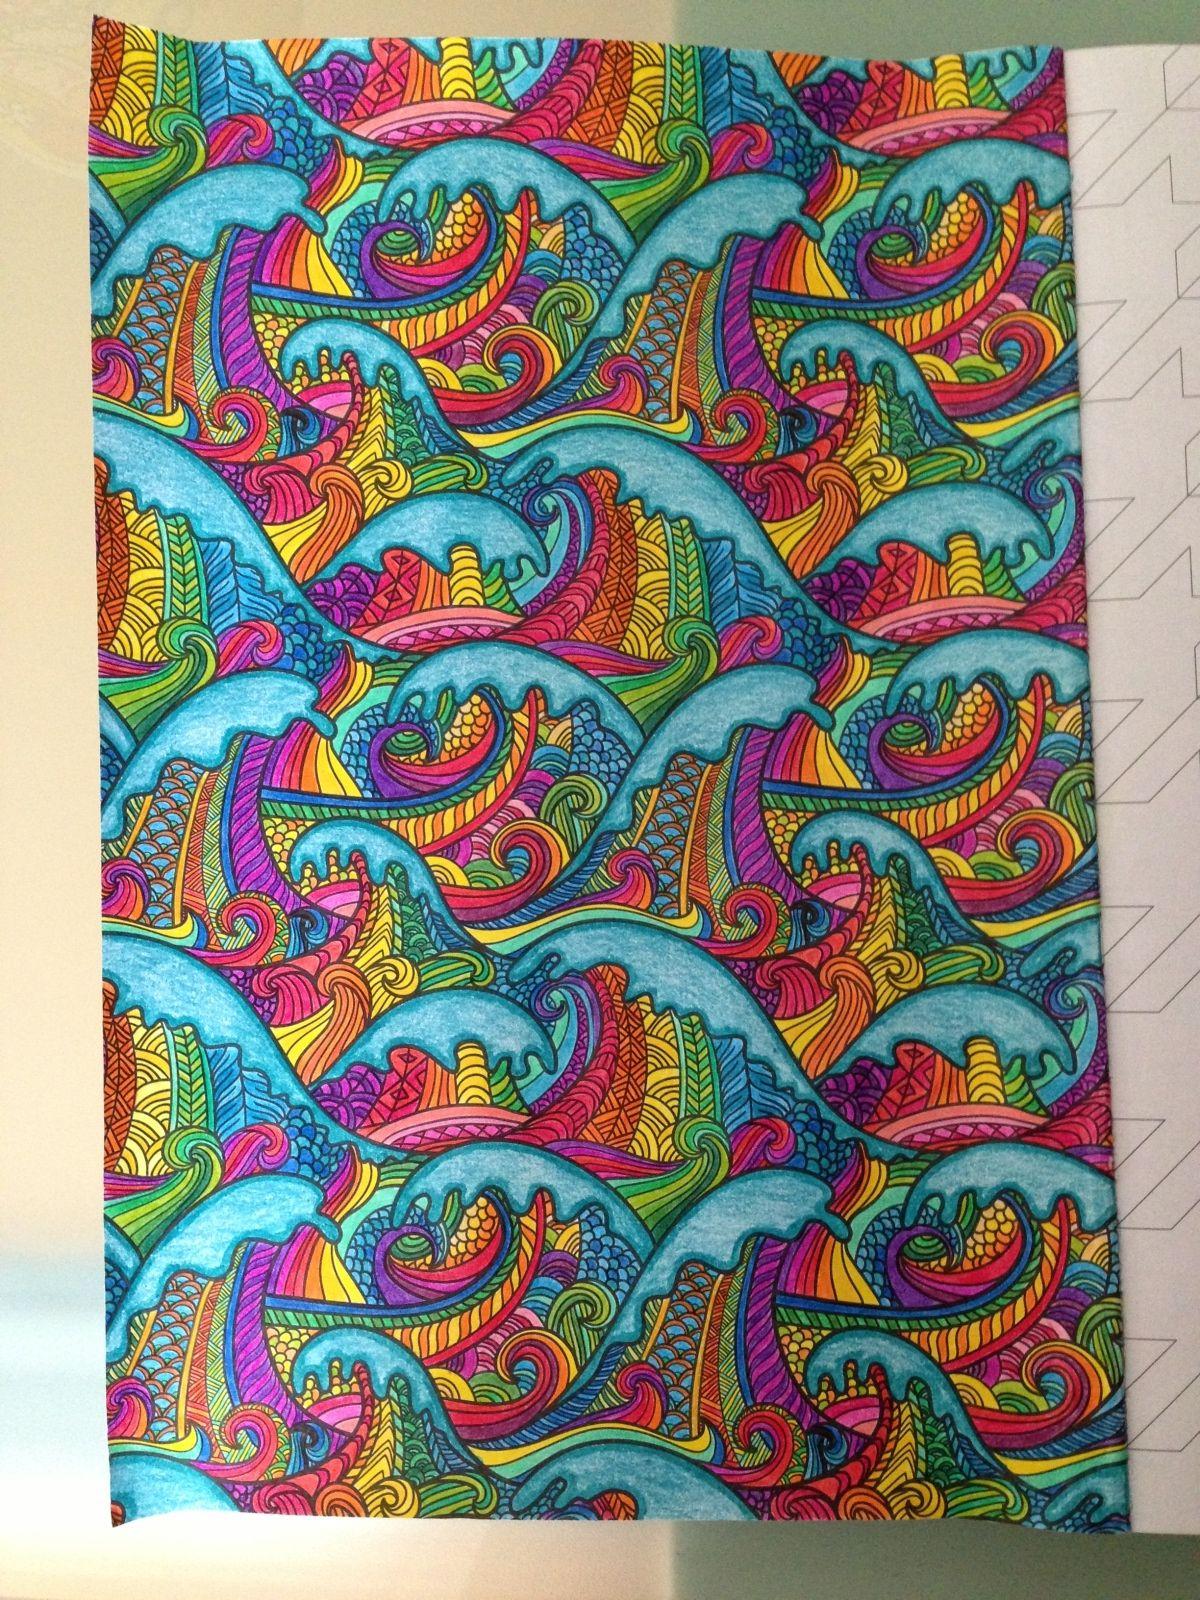 Het Enige Echte Kleurboek Voor Volwassenen Girlscene Forum Kleurboek Mandala Kleurplaten Kleurrijke Tekeningen